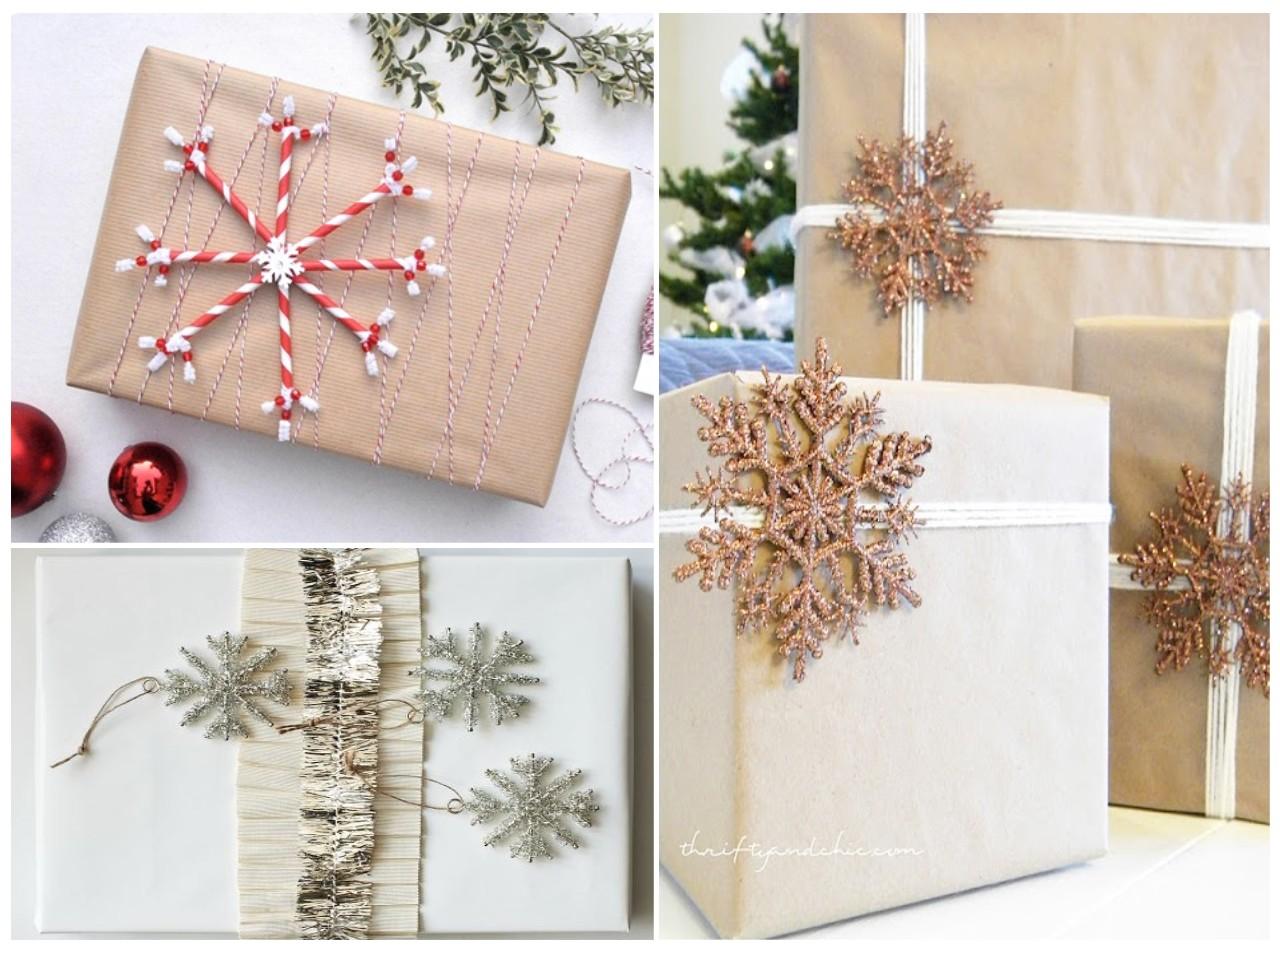 Decoraci n navidad otra forma de envolver es posible - Blog decoracion navidad ...